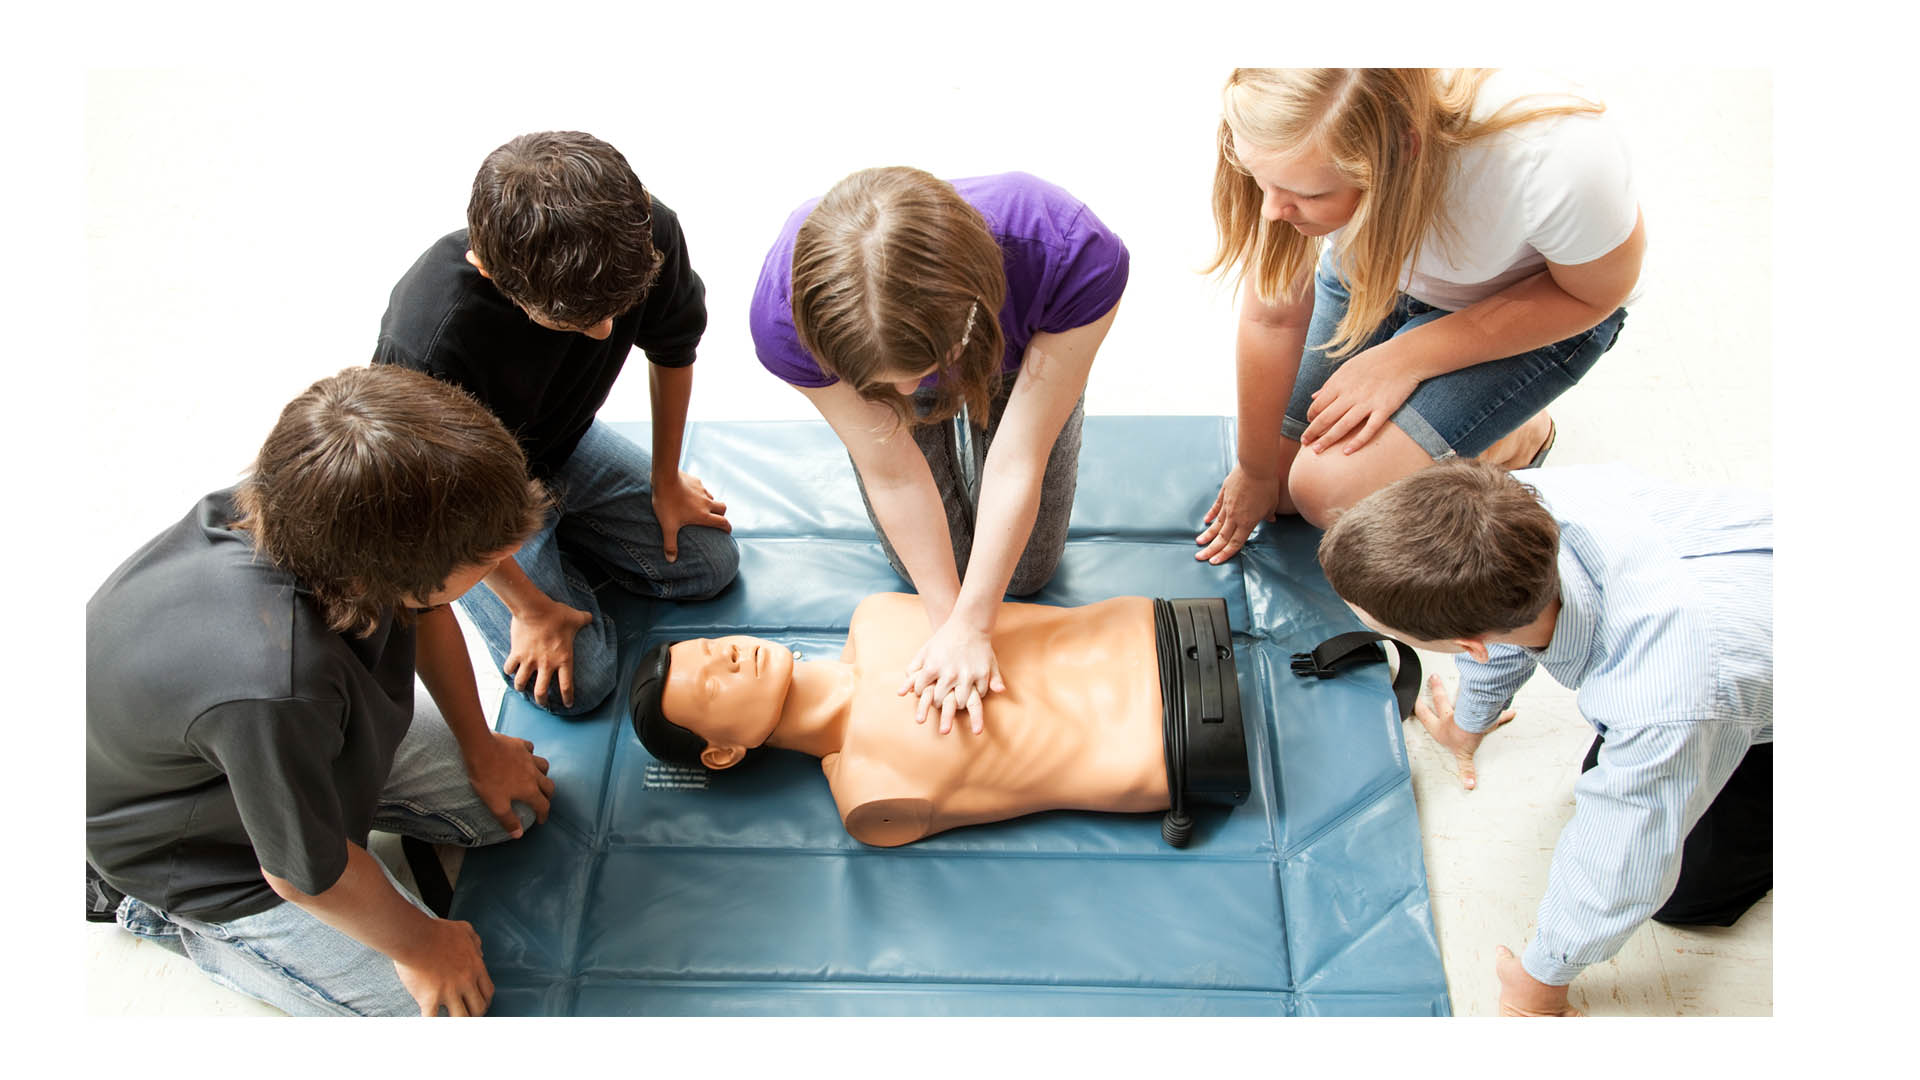 En casos de emergencia y sin personal médico cerca es importante mantener la calma y saber qué hacer